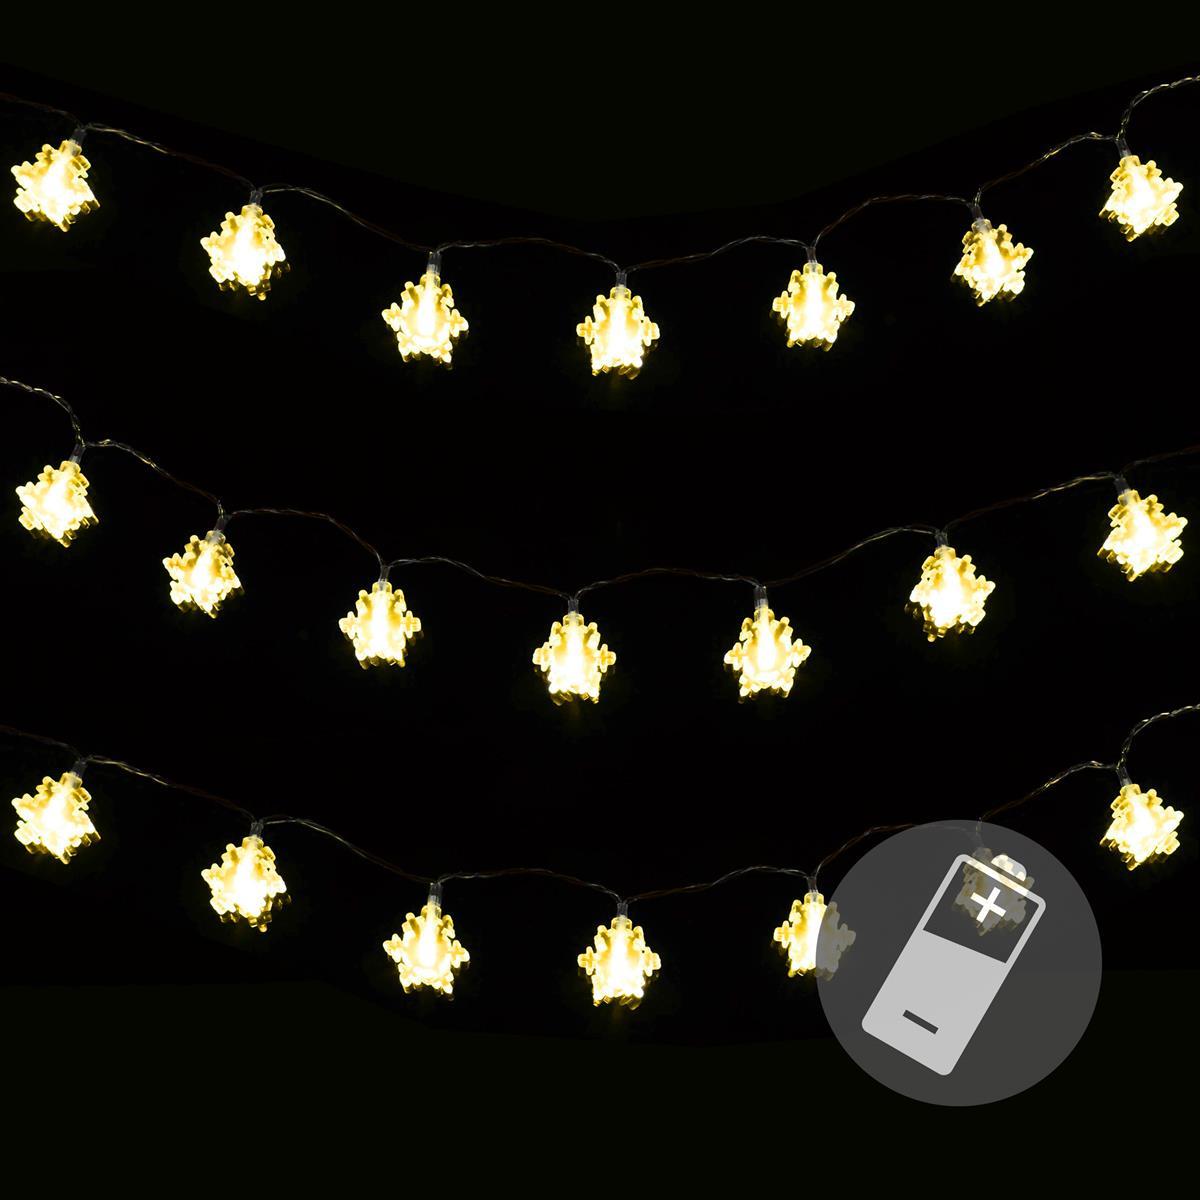 3er Set 20 LED Lichterkette warmweiß Schneeflocke Weihnachten Batterie Timer